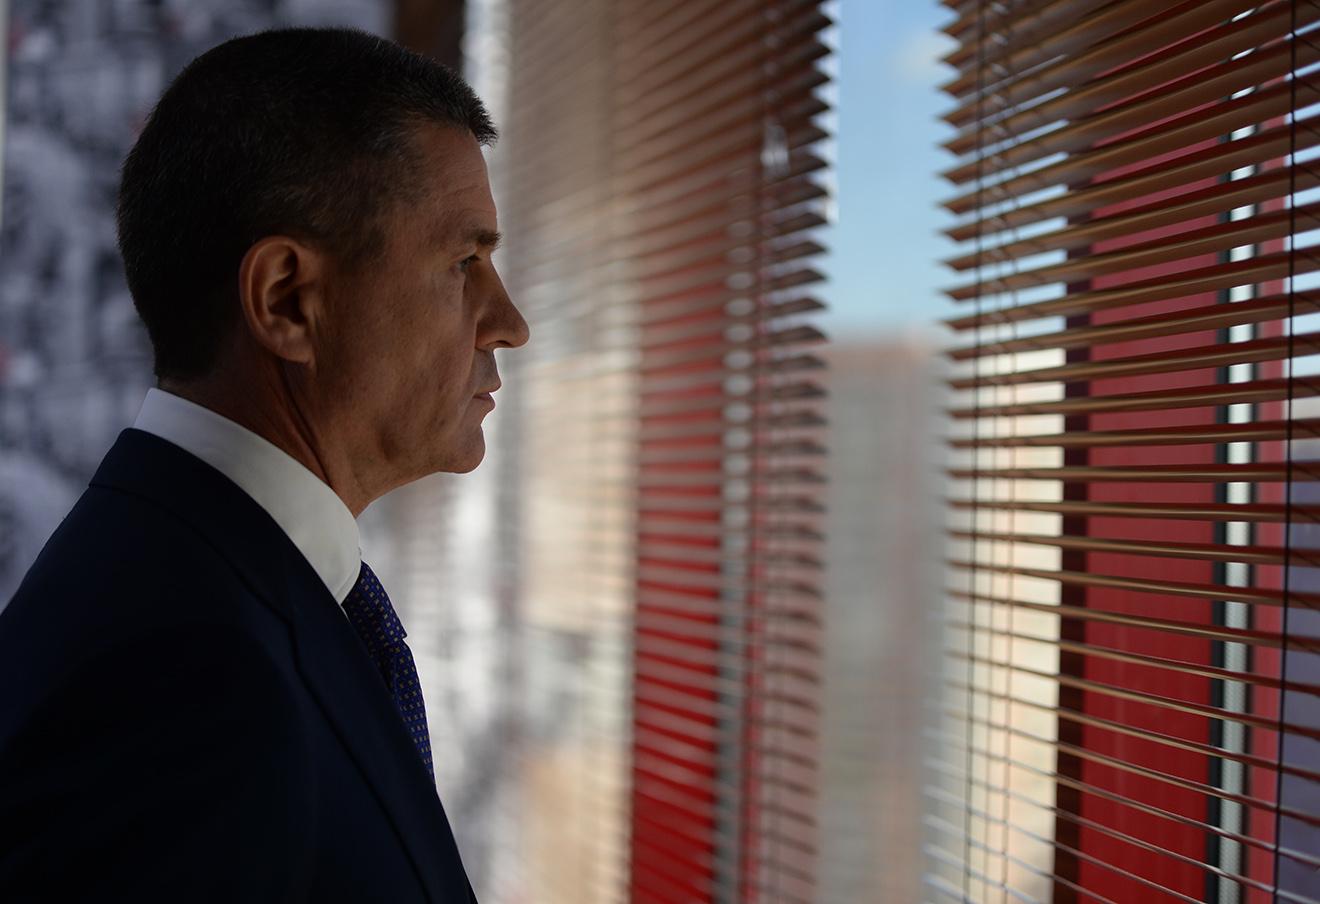 Владимир Маркин. Фото: Павел Бедняков / ТАСС